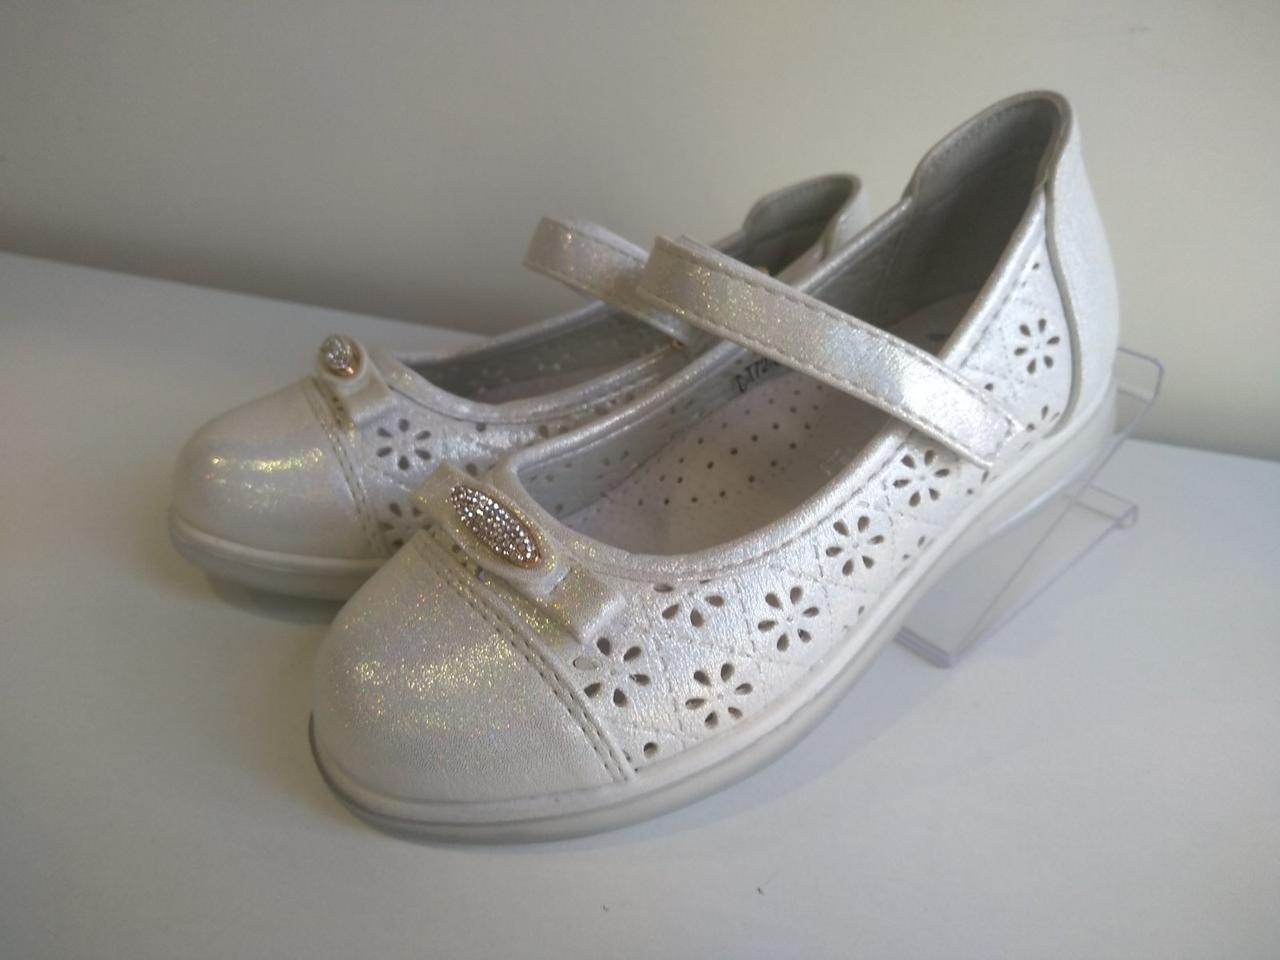 Нарядные туфли для девочки Tom.m р. 29 (19 см), 31 (20,2 см), 32 (21 см)